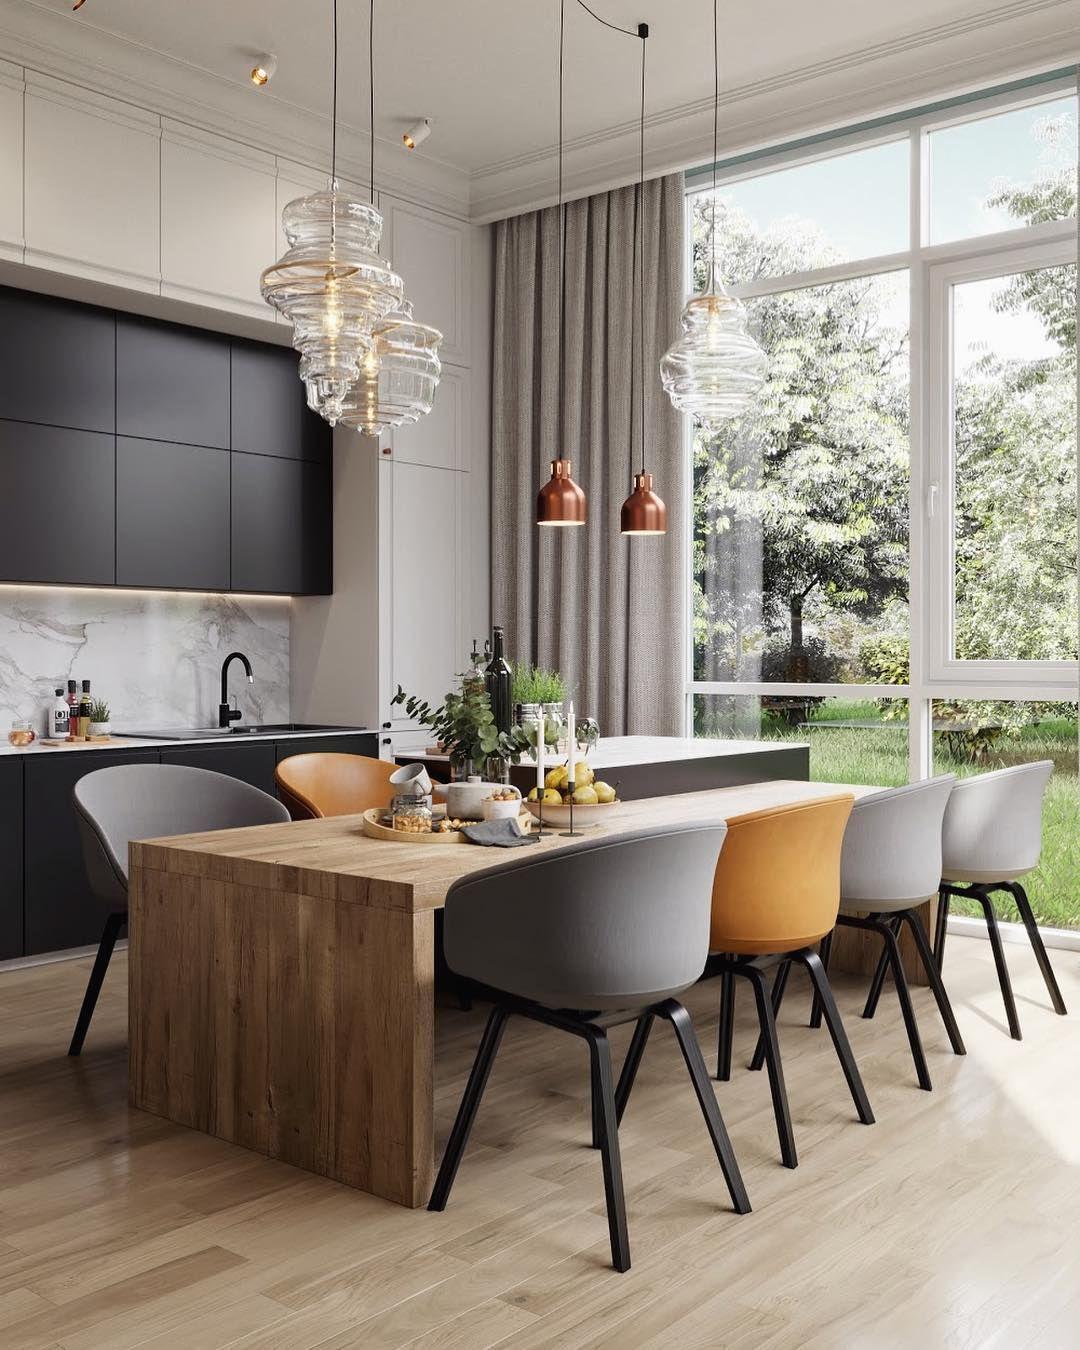 Undefined kitchen en 2019 mesas y sillas comedor for Mesas y sillas para cocina comedor